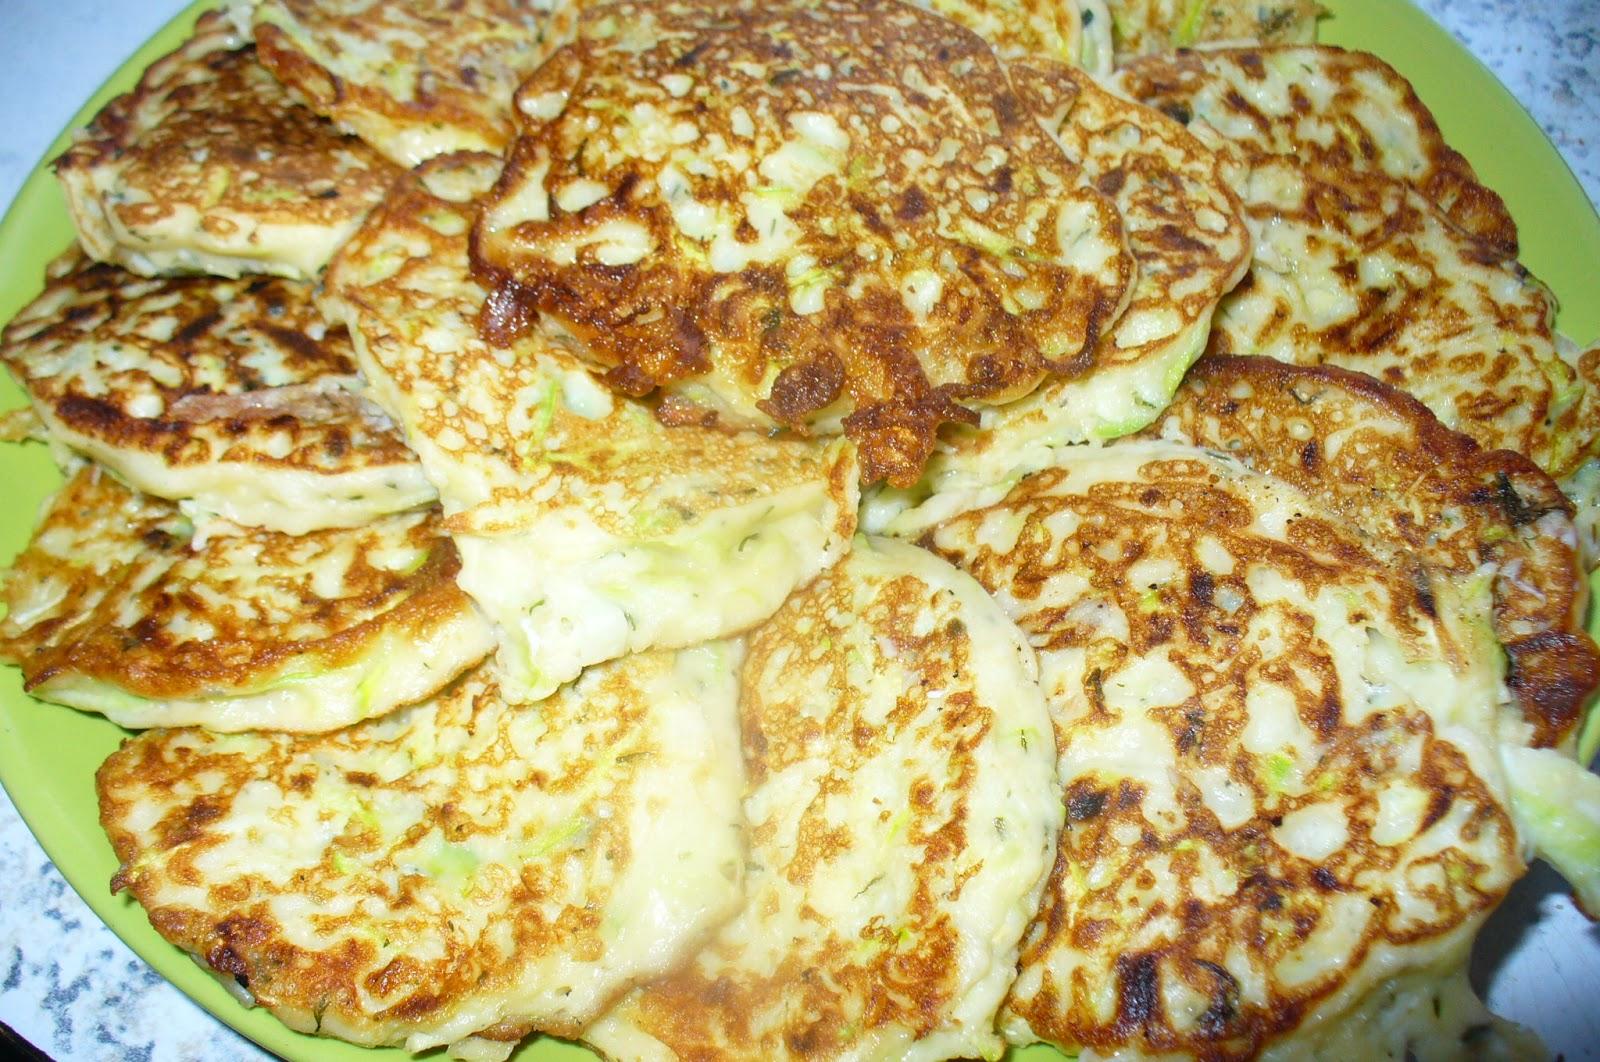 оладьи из кабачков с творогом готовые